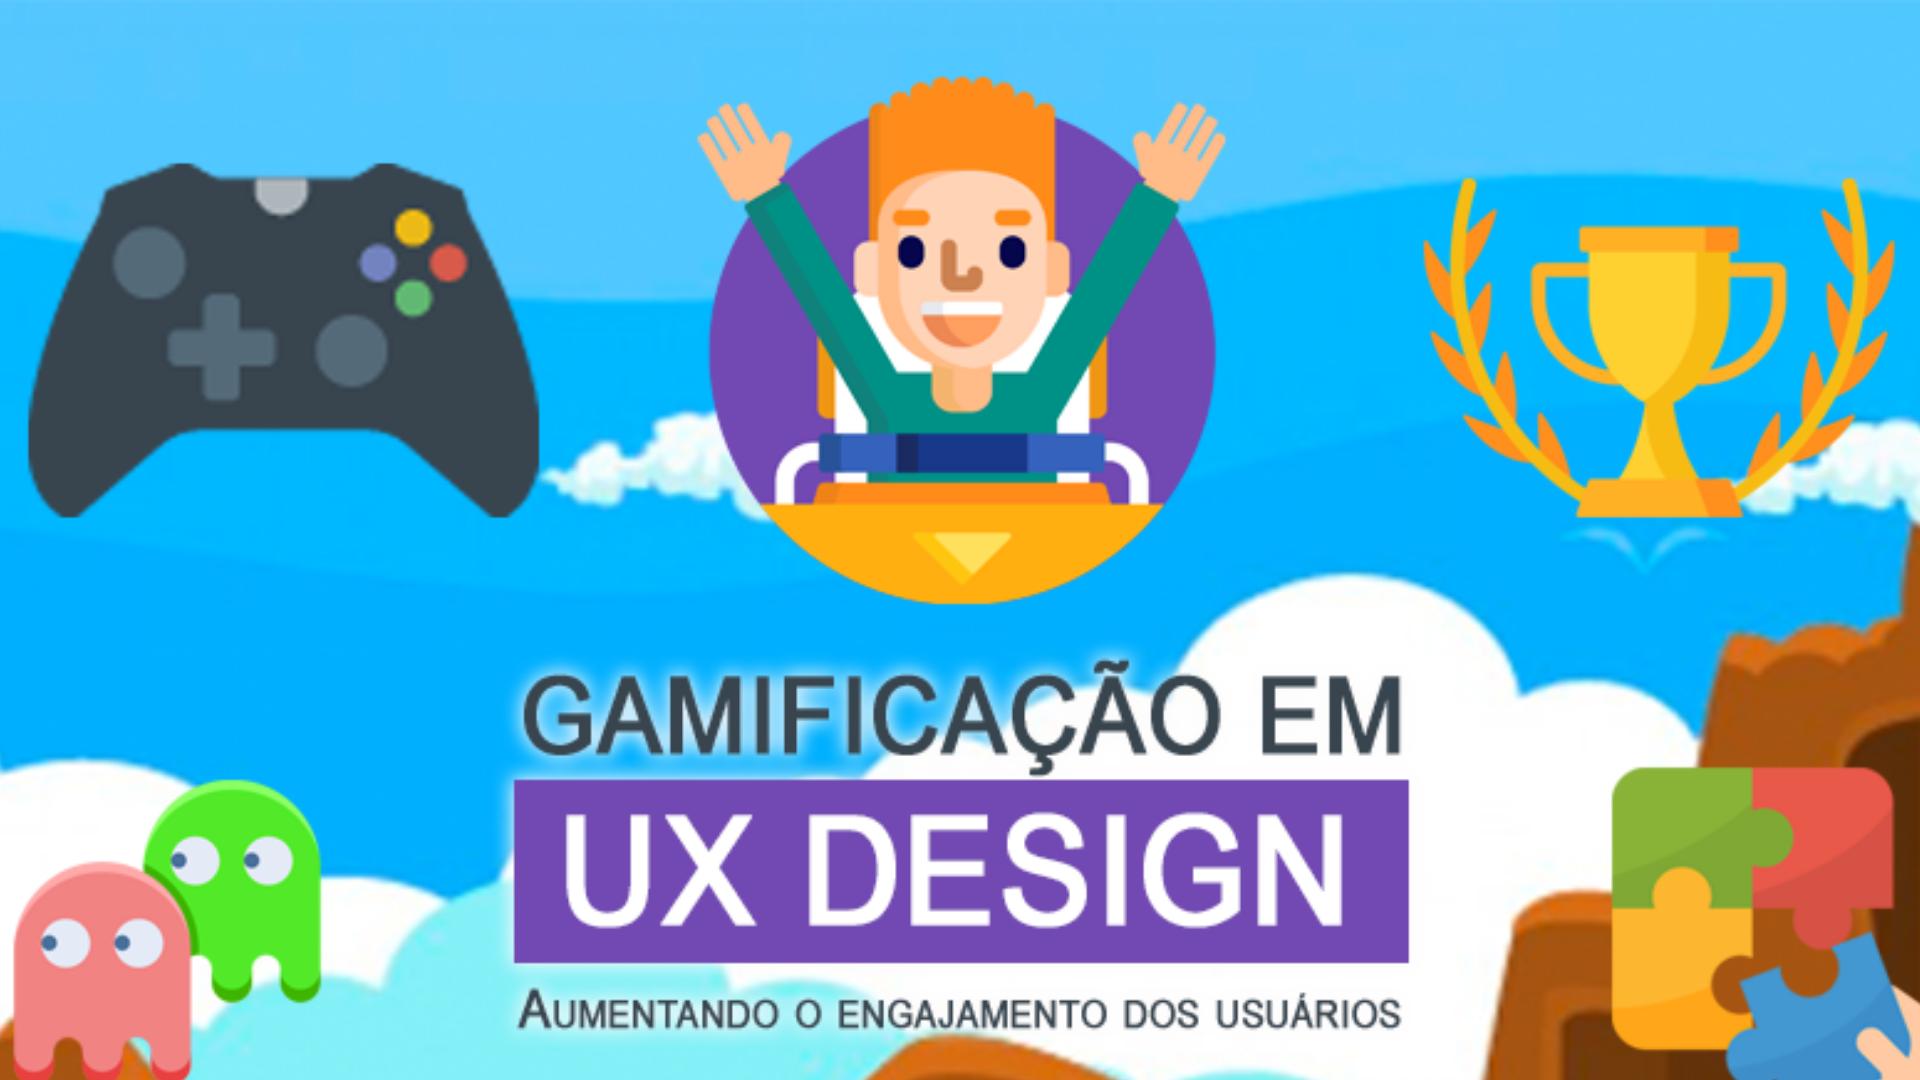 Gamificação em UX: Aumentando o engajamento dos usuários